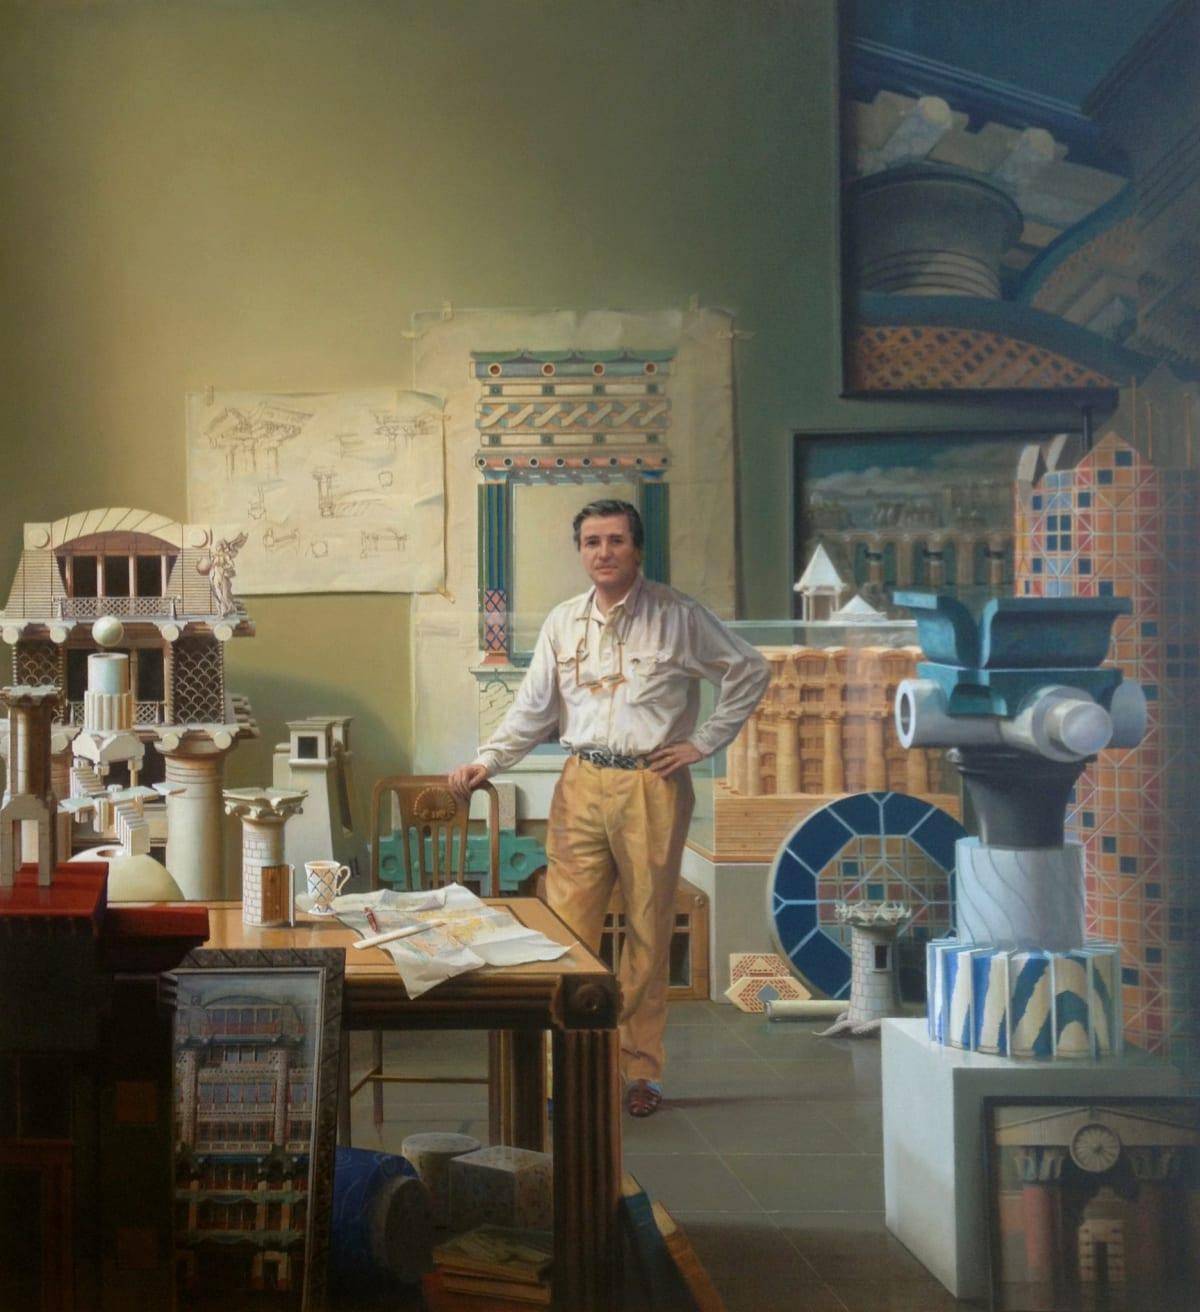 Carl Laubin Iconologica Oil on canvas 122 x 112 cm